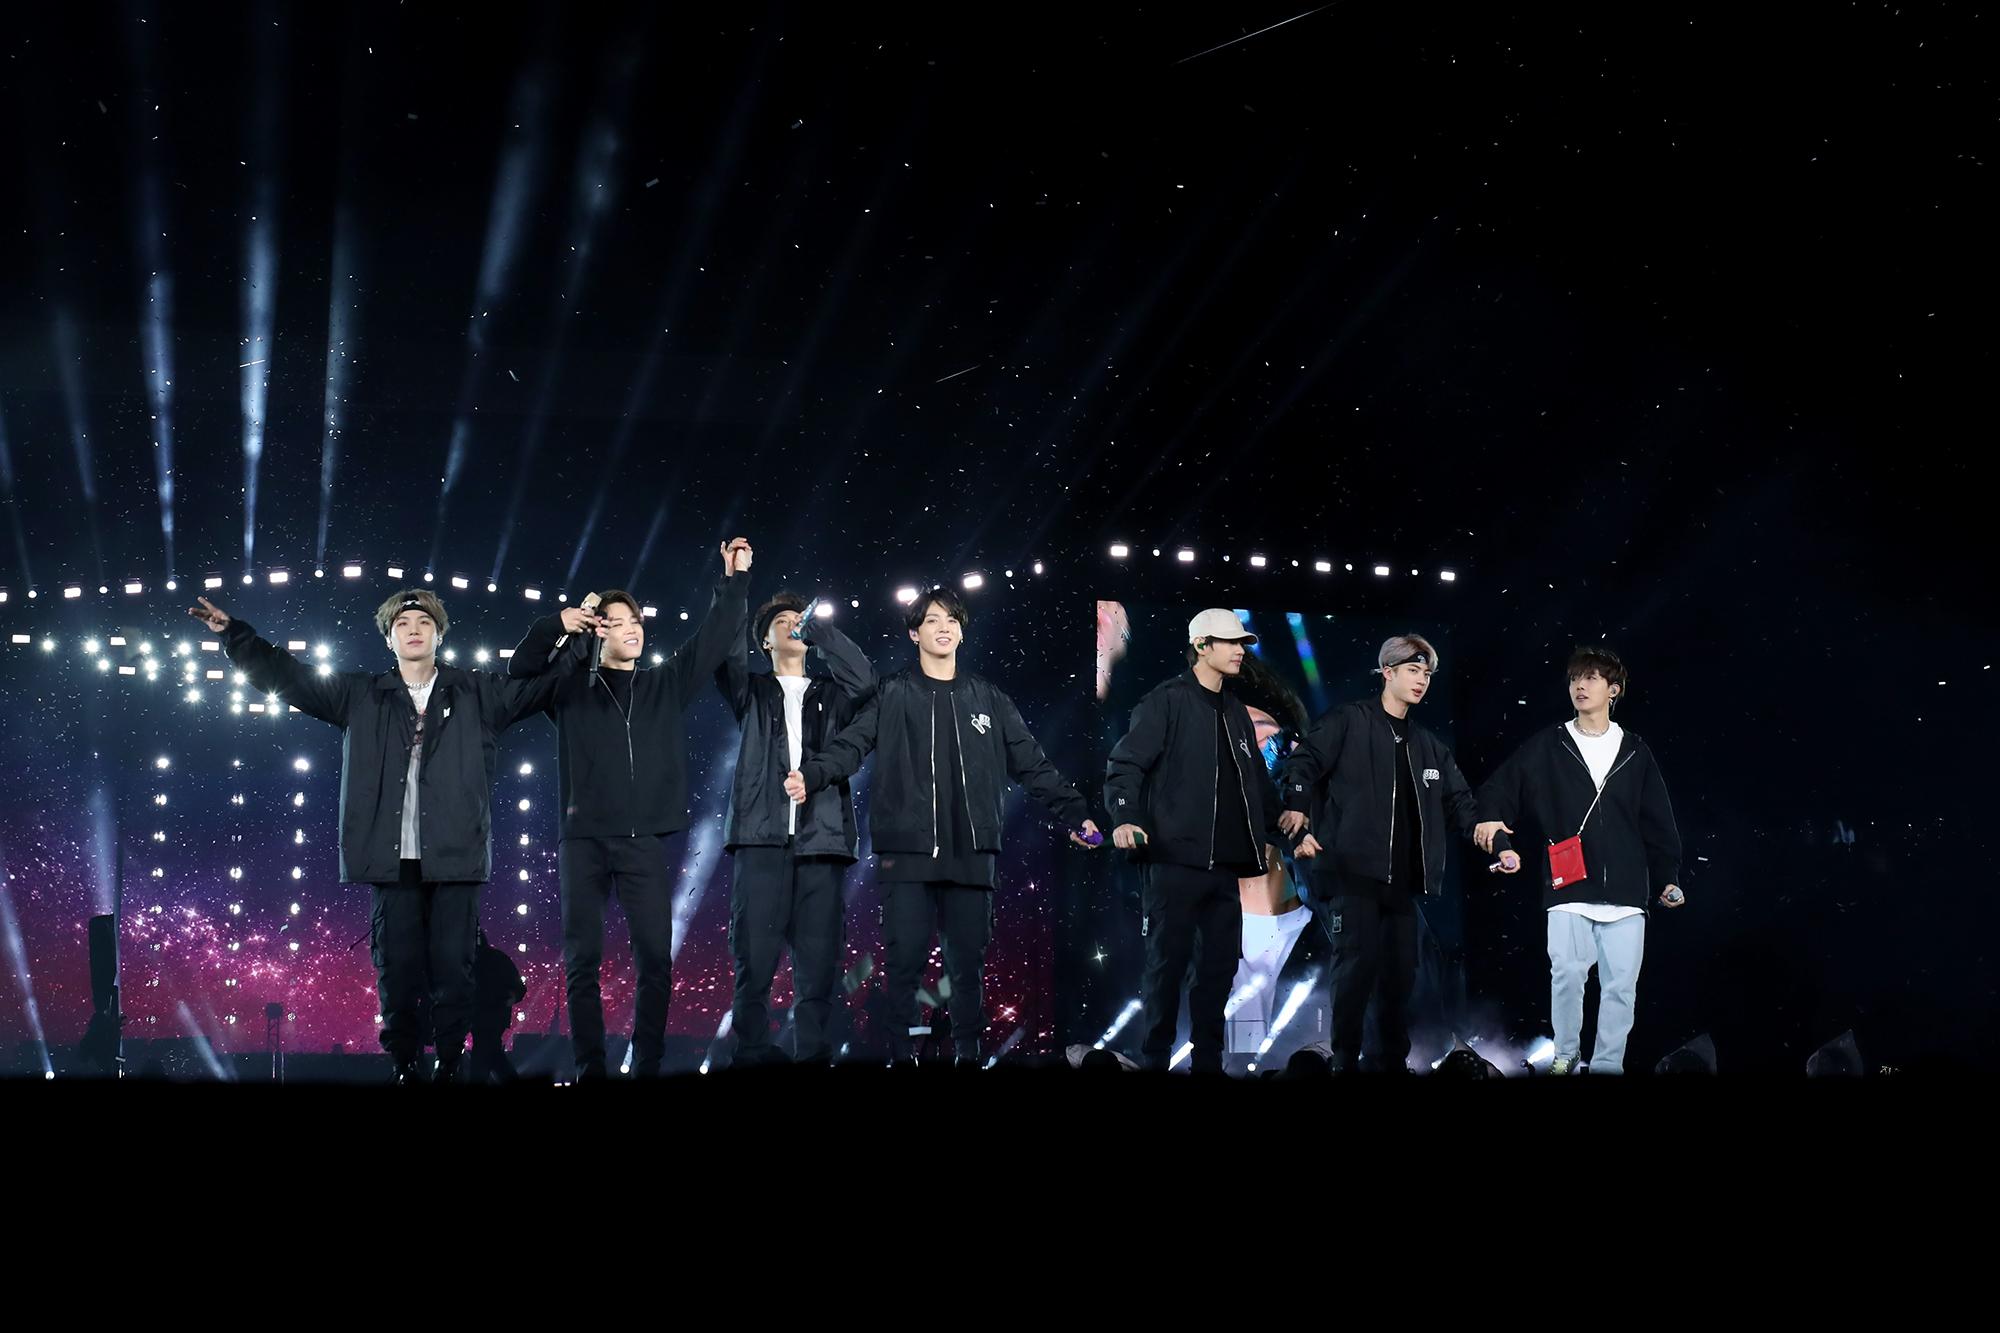 Les 7 et 8 juin 2019, BTS s'est produit au Stade de France devant plus de 70.000 personnes.